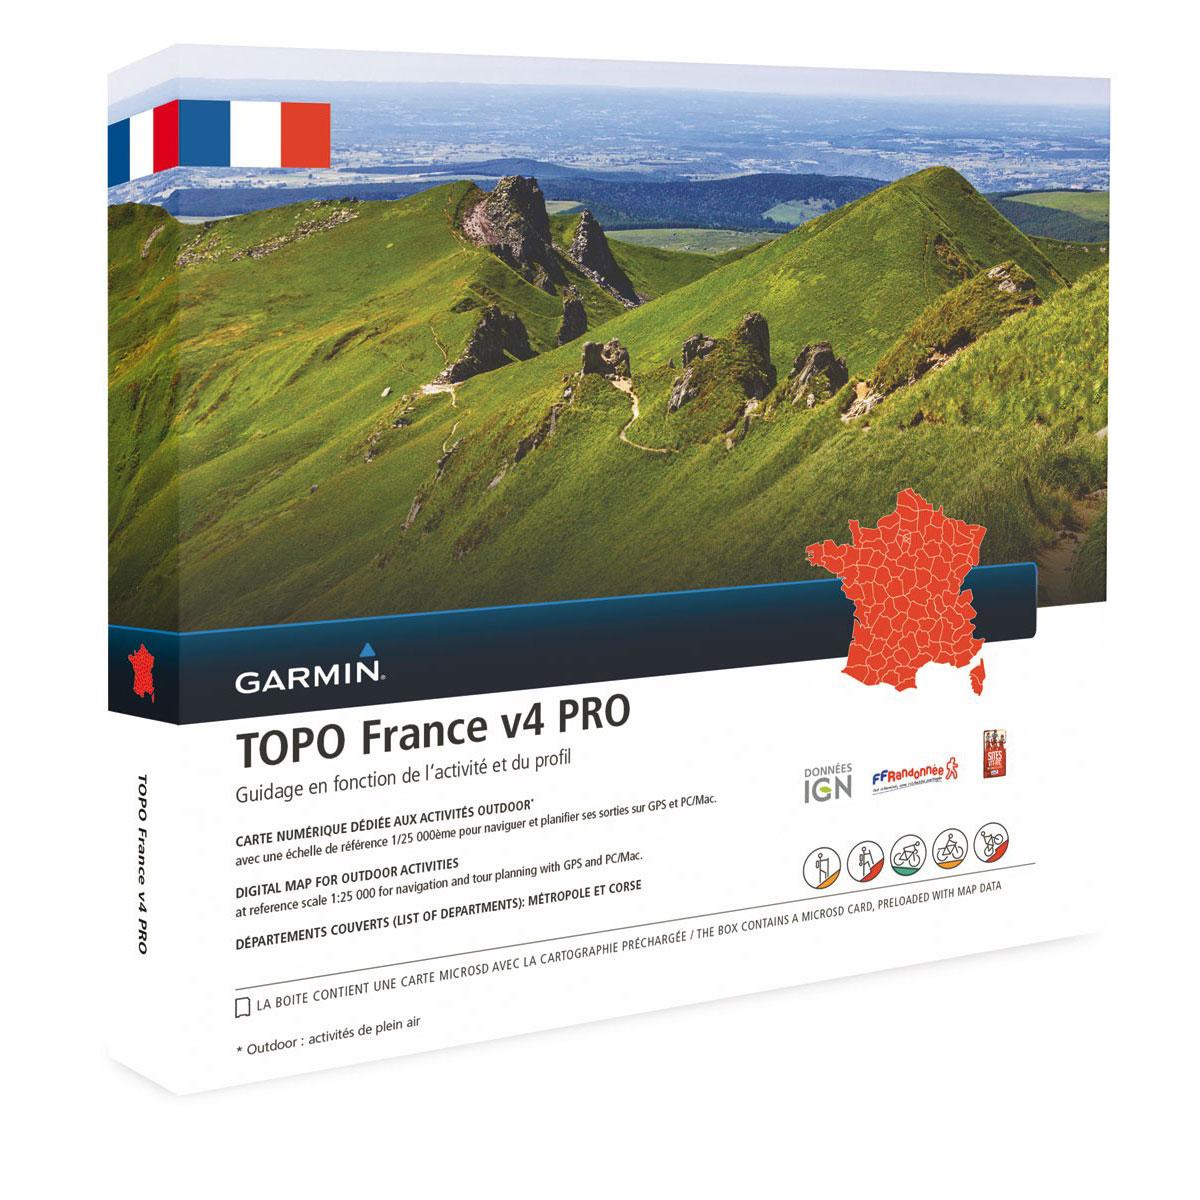 Accessoires GPS Garmin TOPO France v4 Pro - France Carte de randonnée préchargée sur carte microSD